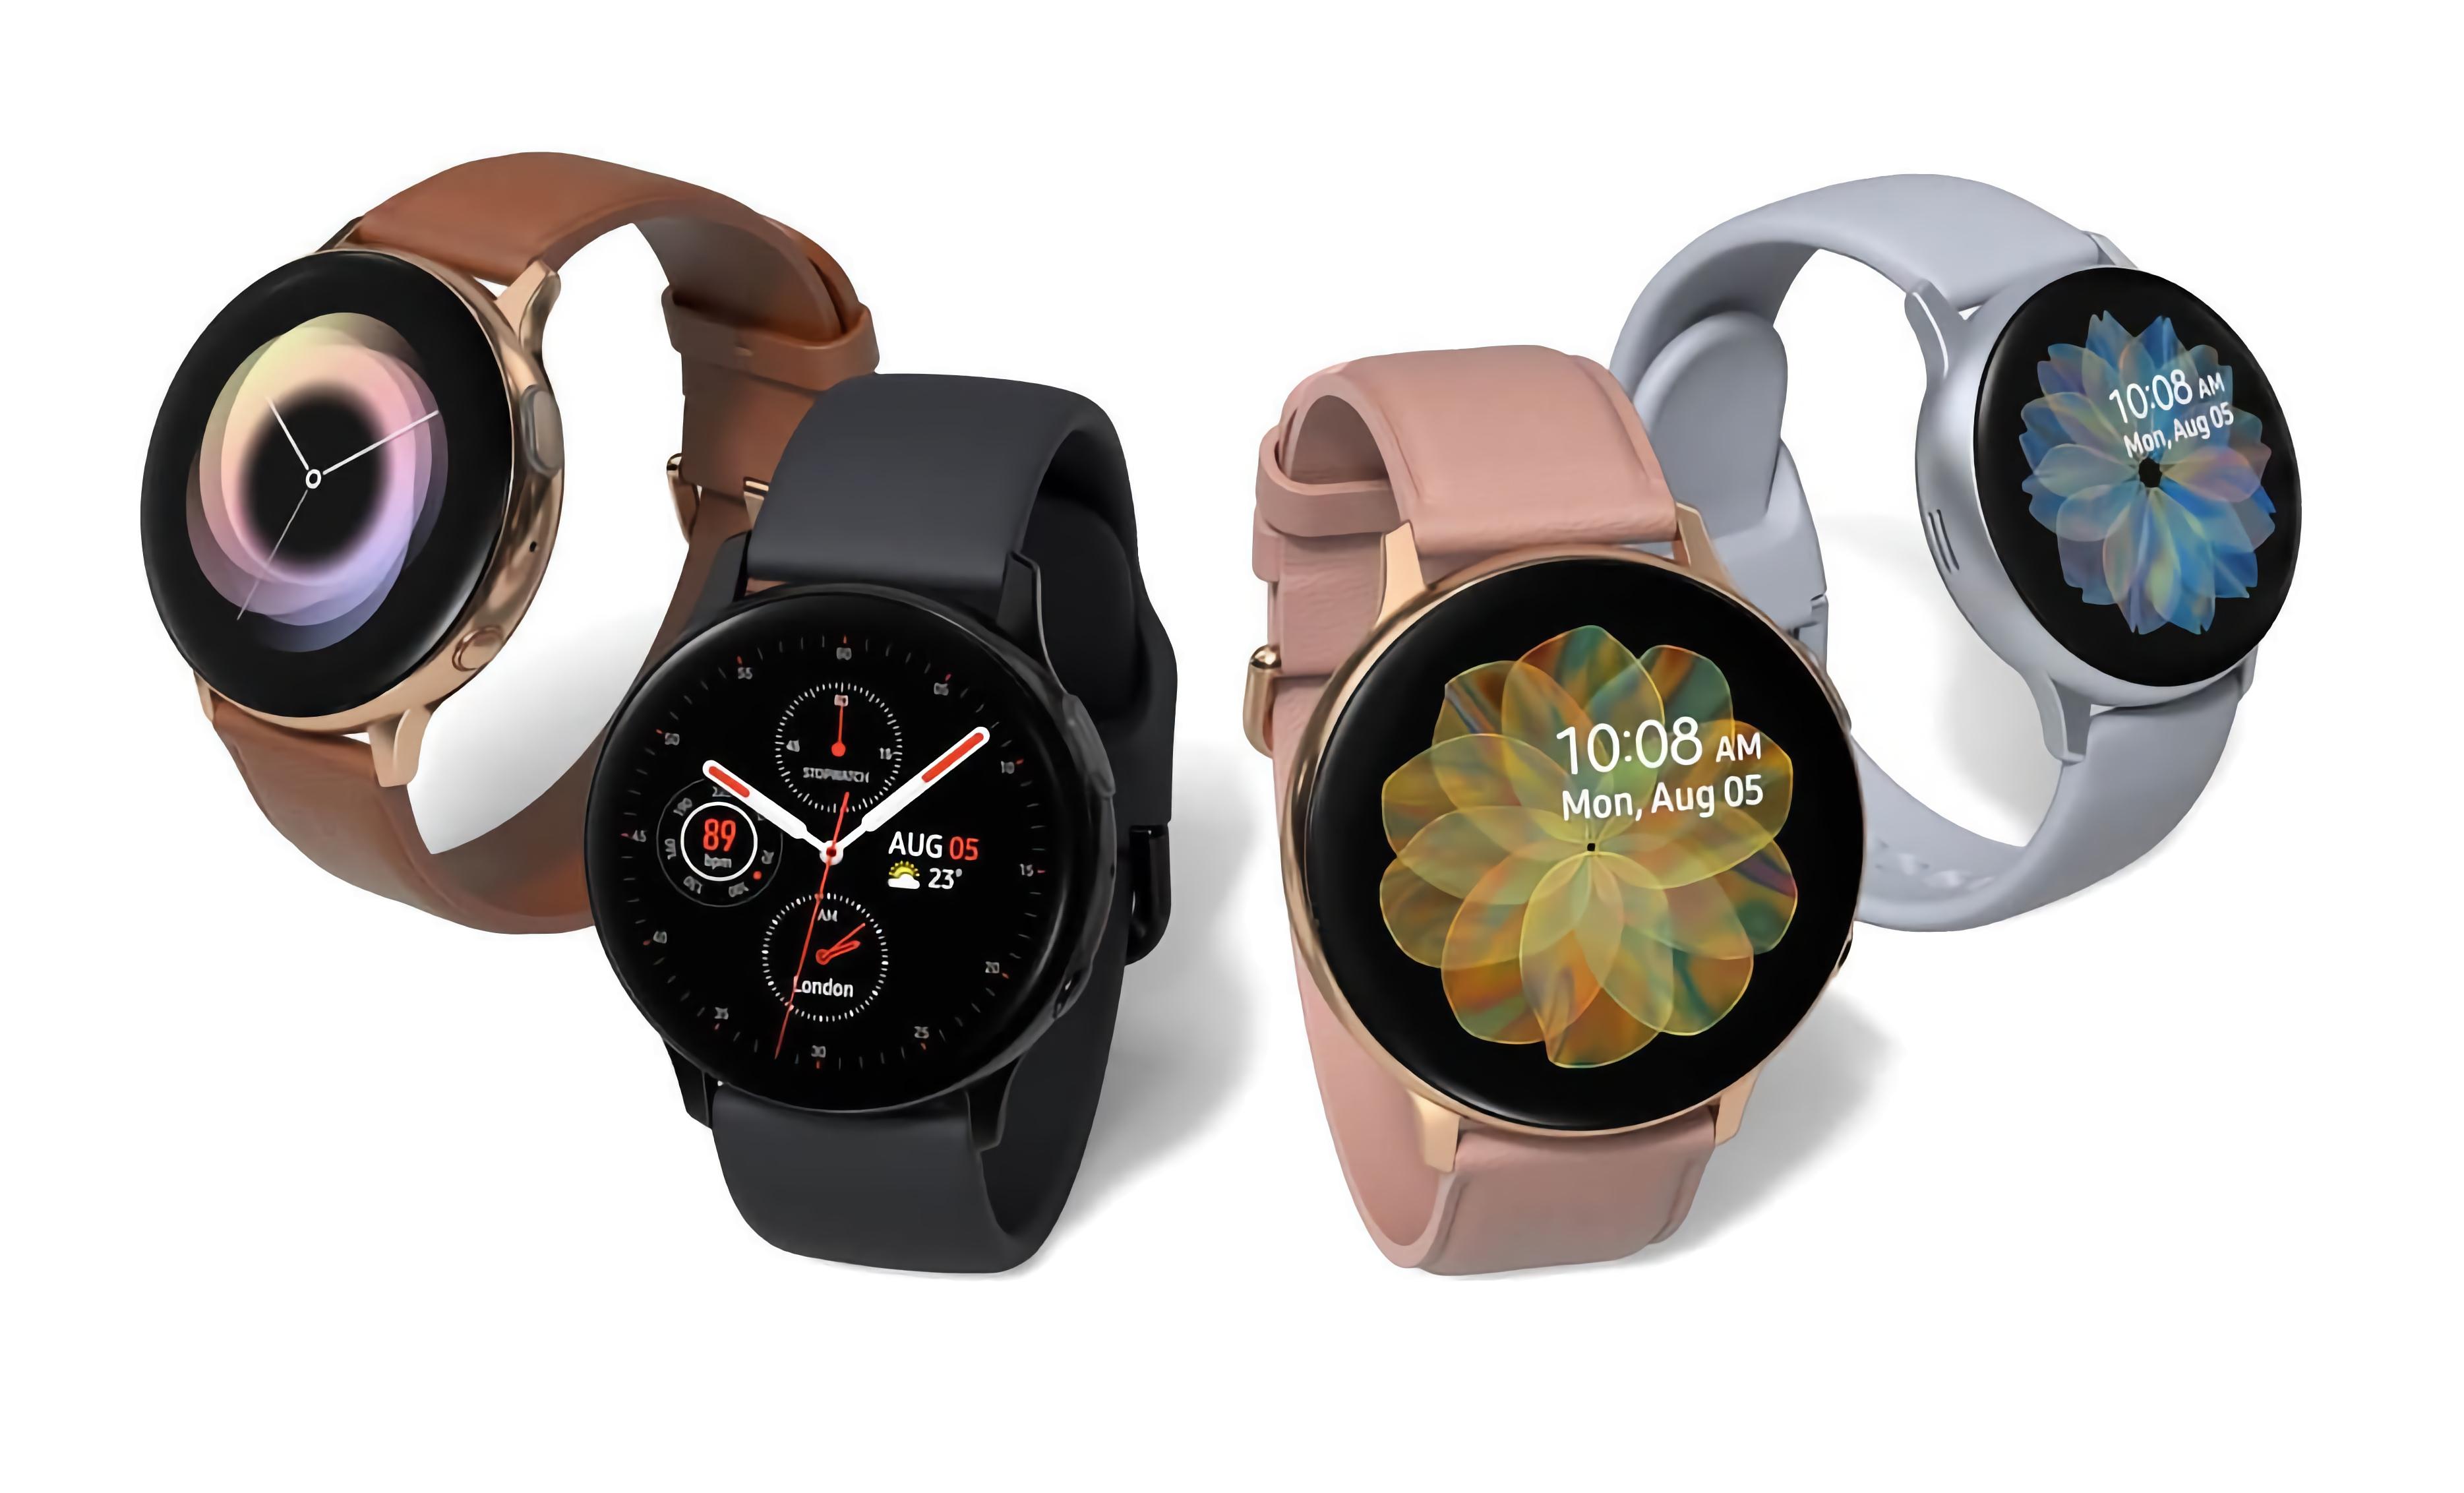 Вслед за Galaxy Watch и Galaxy Watch 3: Samsung анонсировала новую прошивку для Galaxy Watch Active и Galaxy Watch Active 2 (но это не важно)